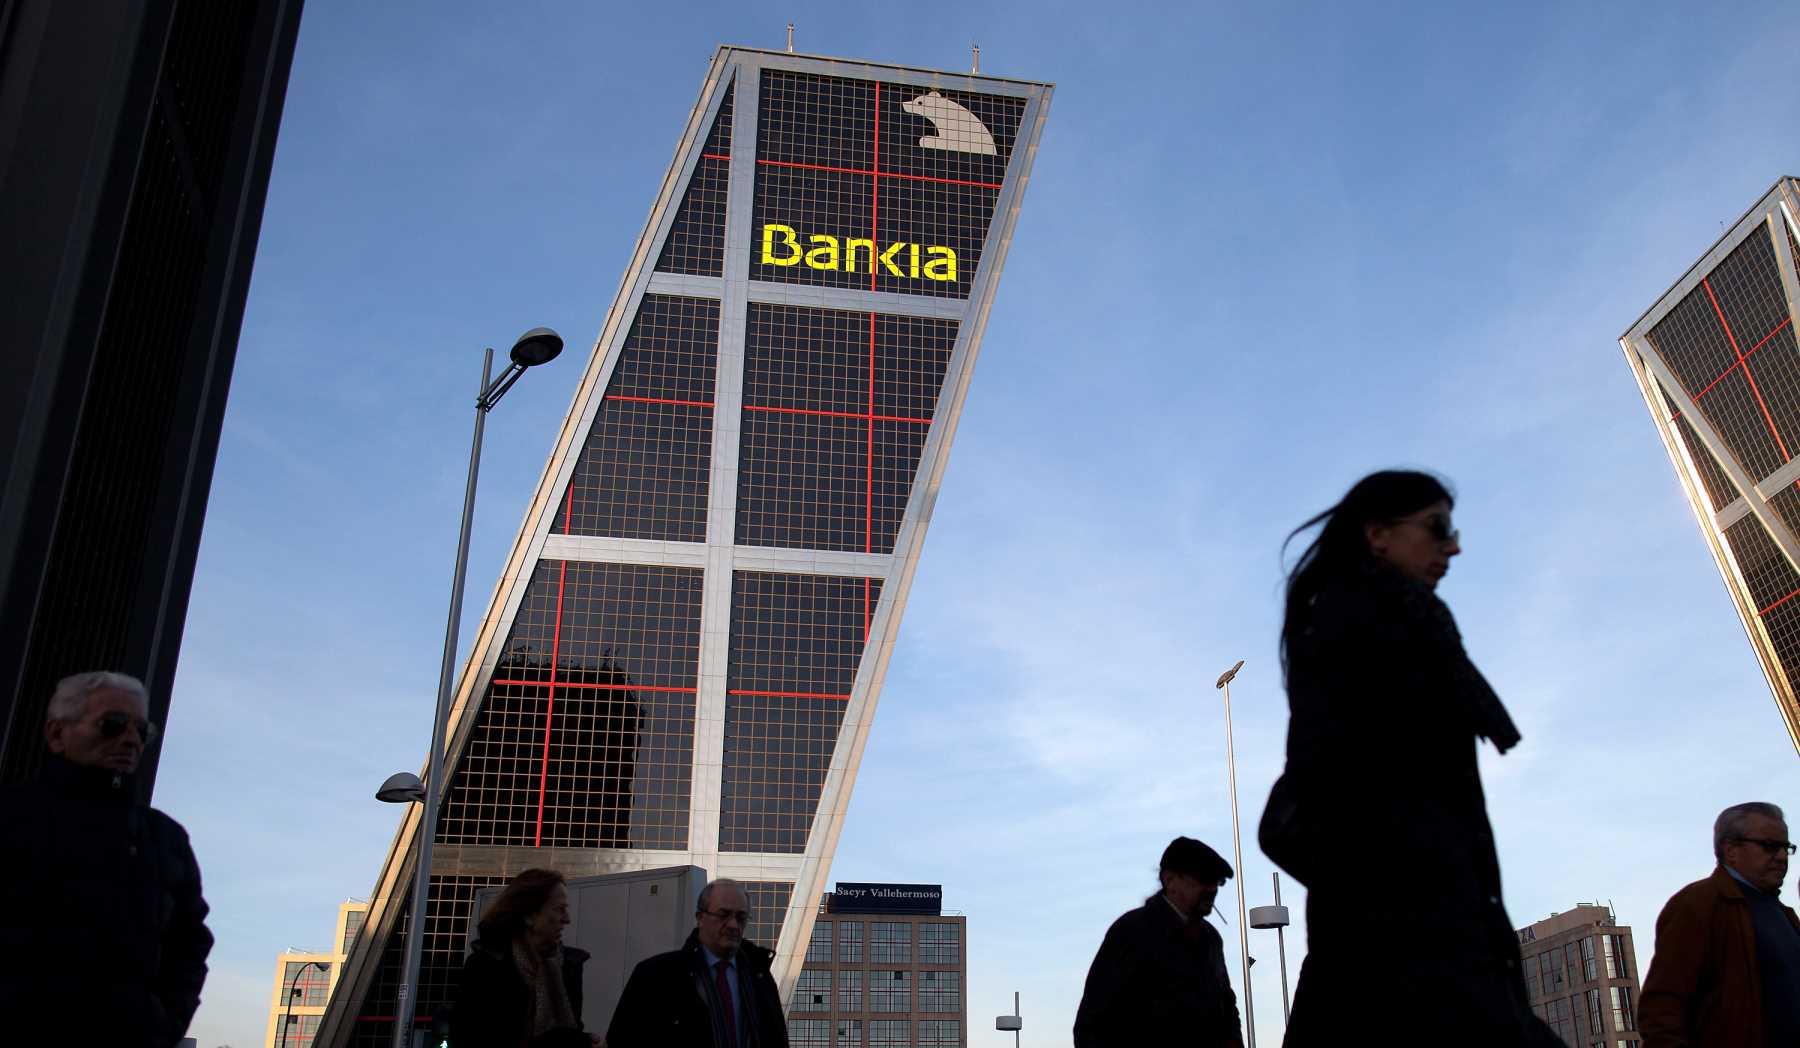 los mejores préstamos de bankia